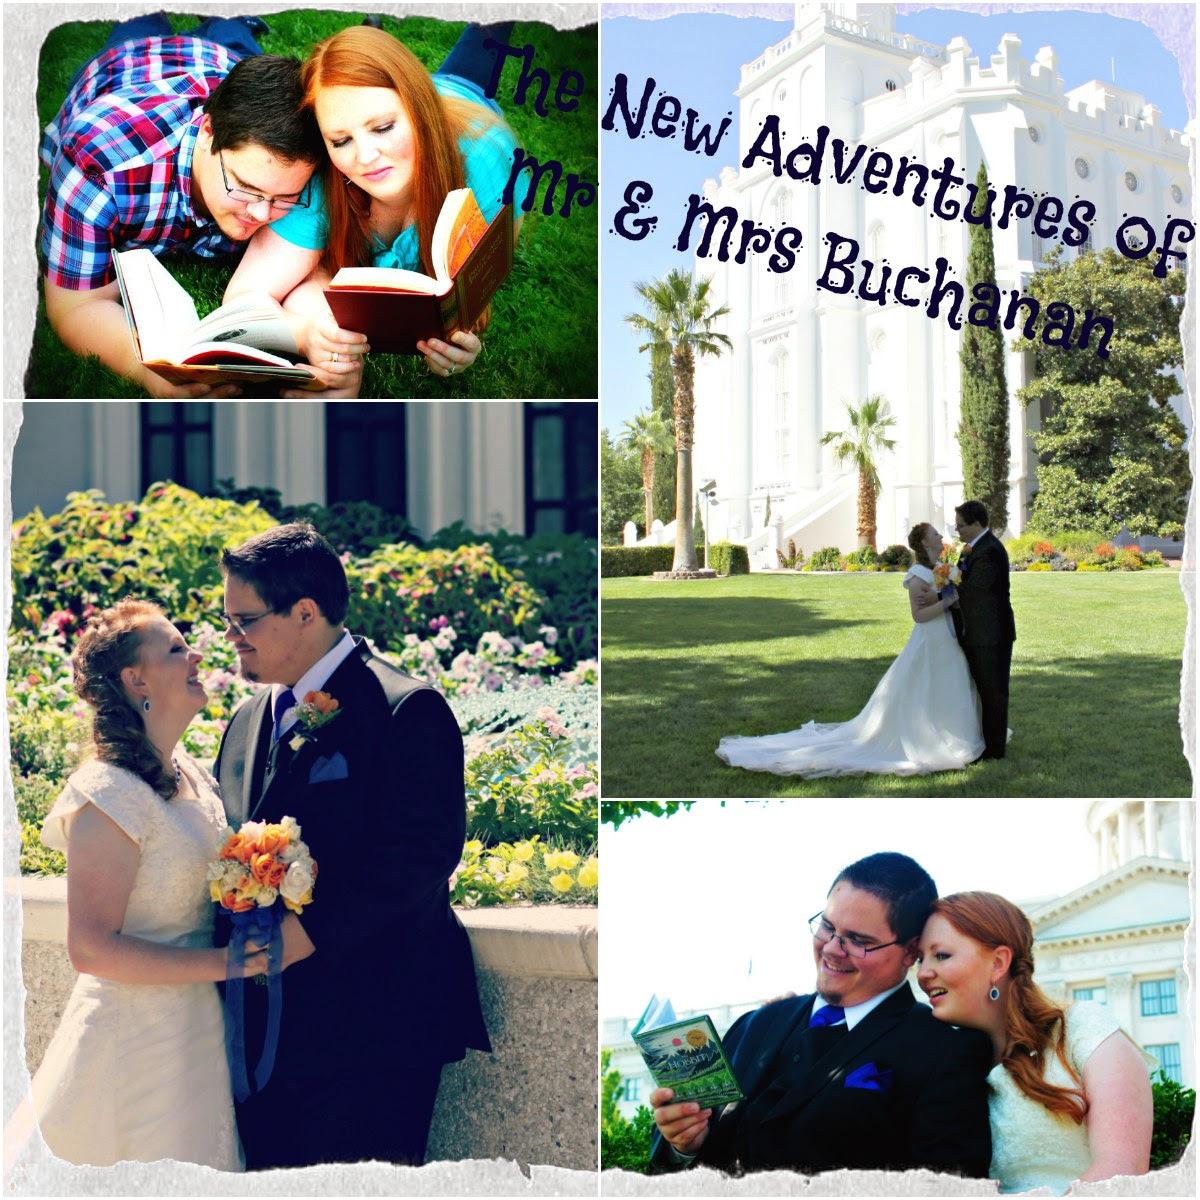 The New Adventures of Mr & Mrs Buchanan